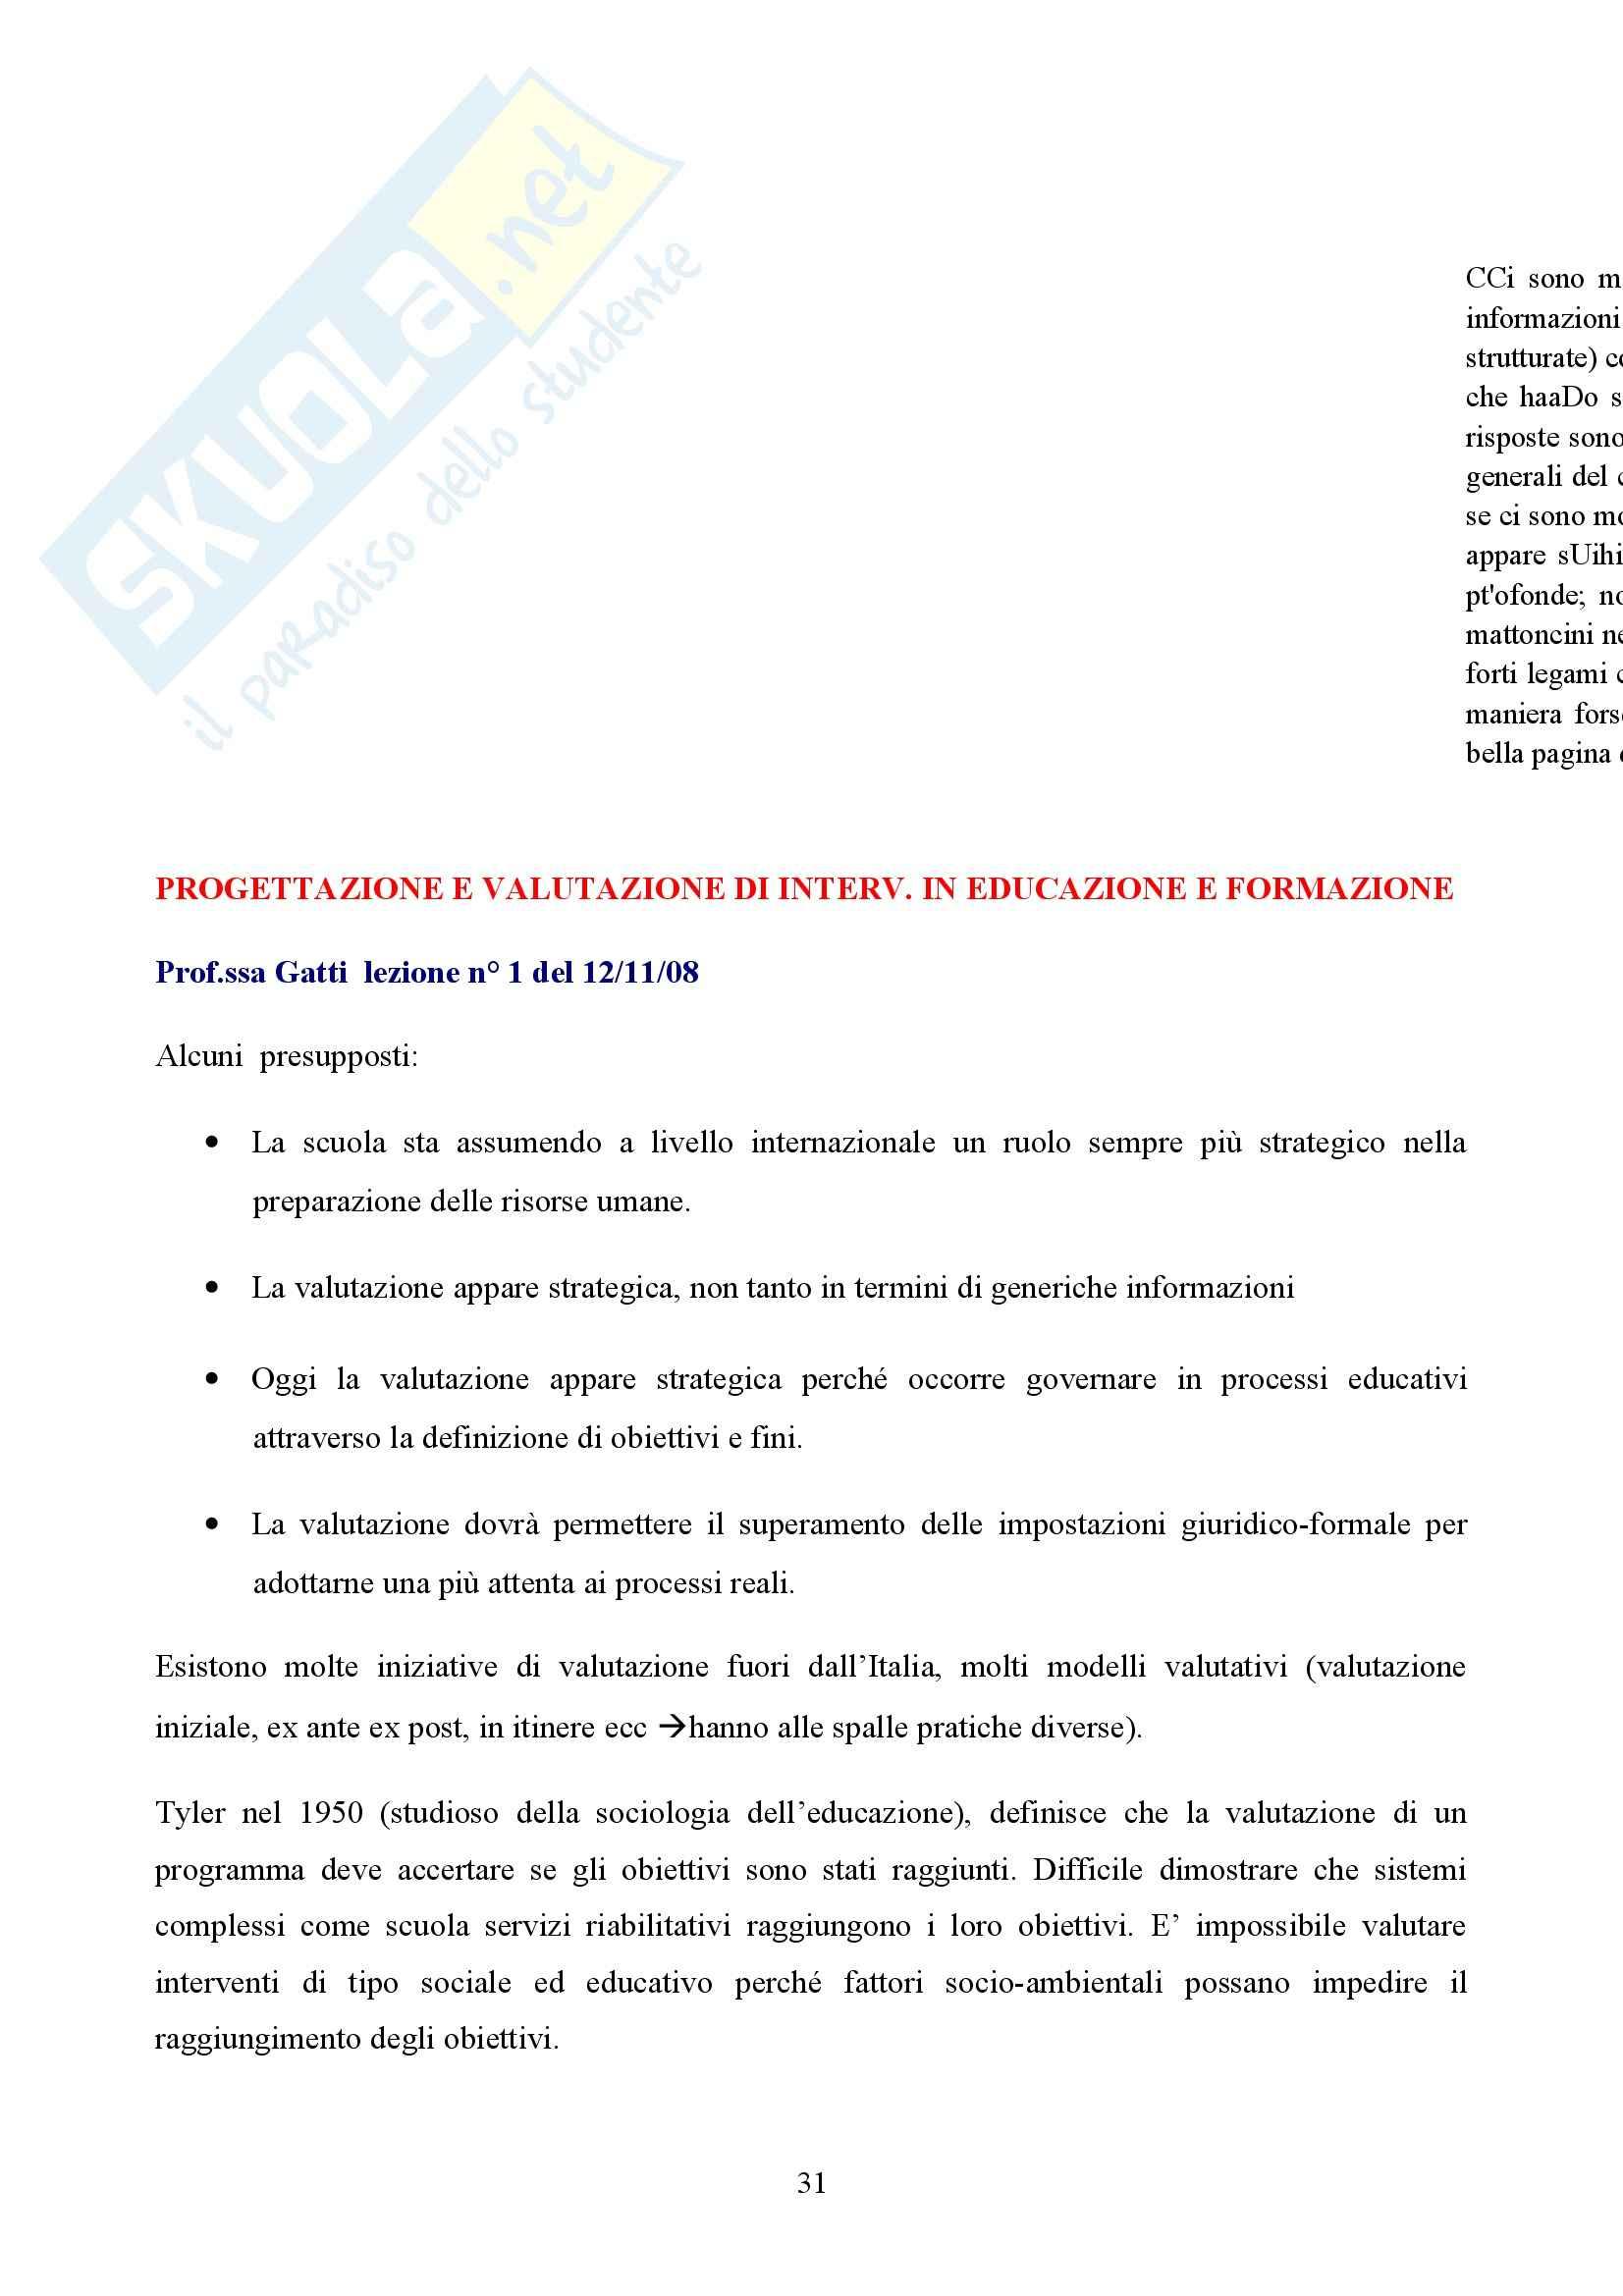 Progettazione e valutazione Pag. 31